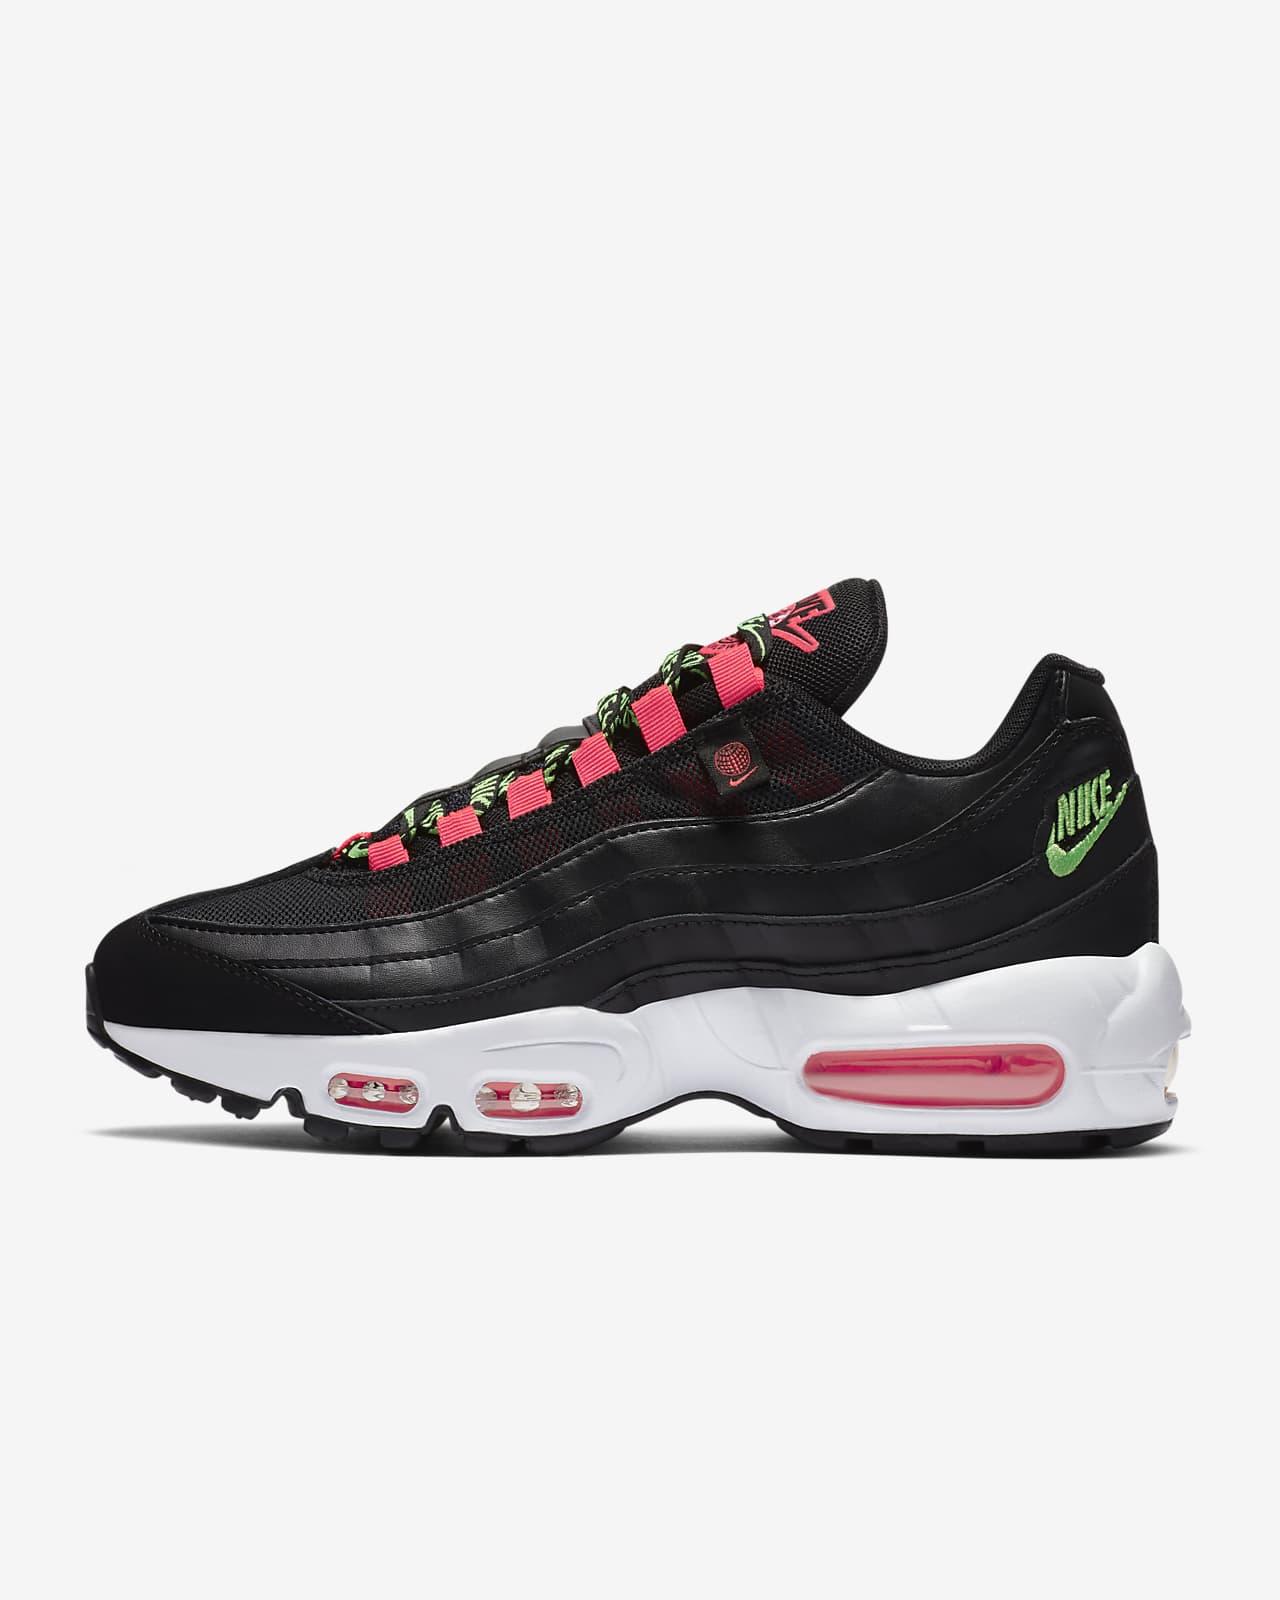 Sapatilhas Nike Air Max 95 SE para mulher